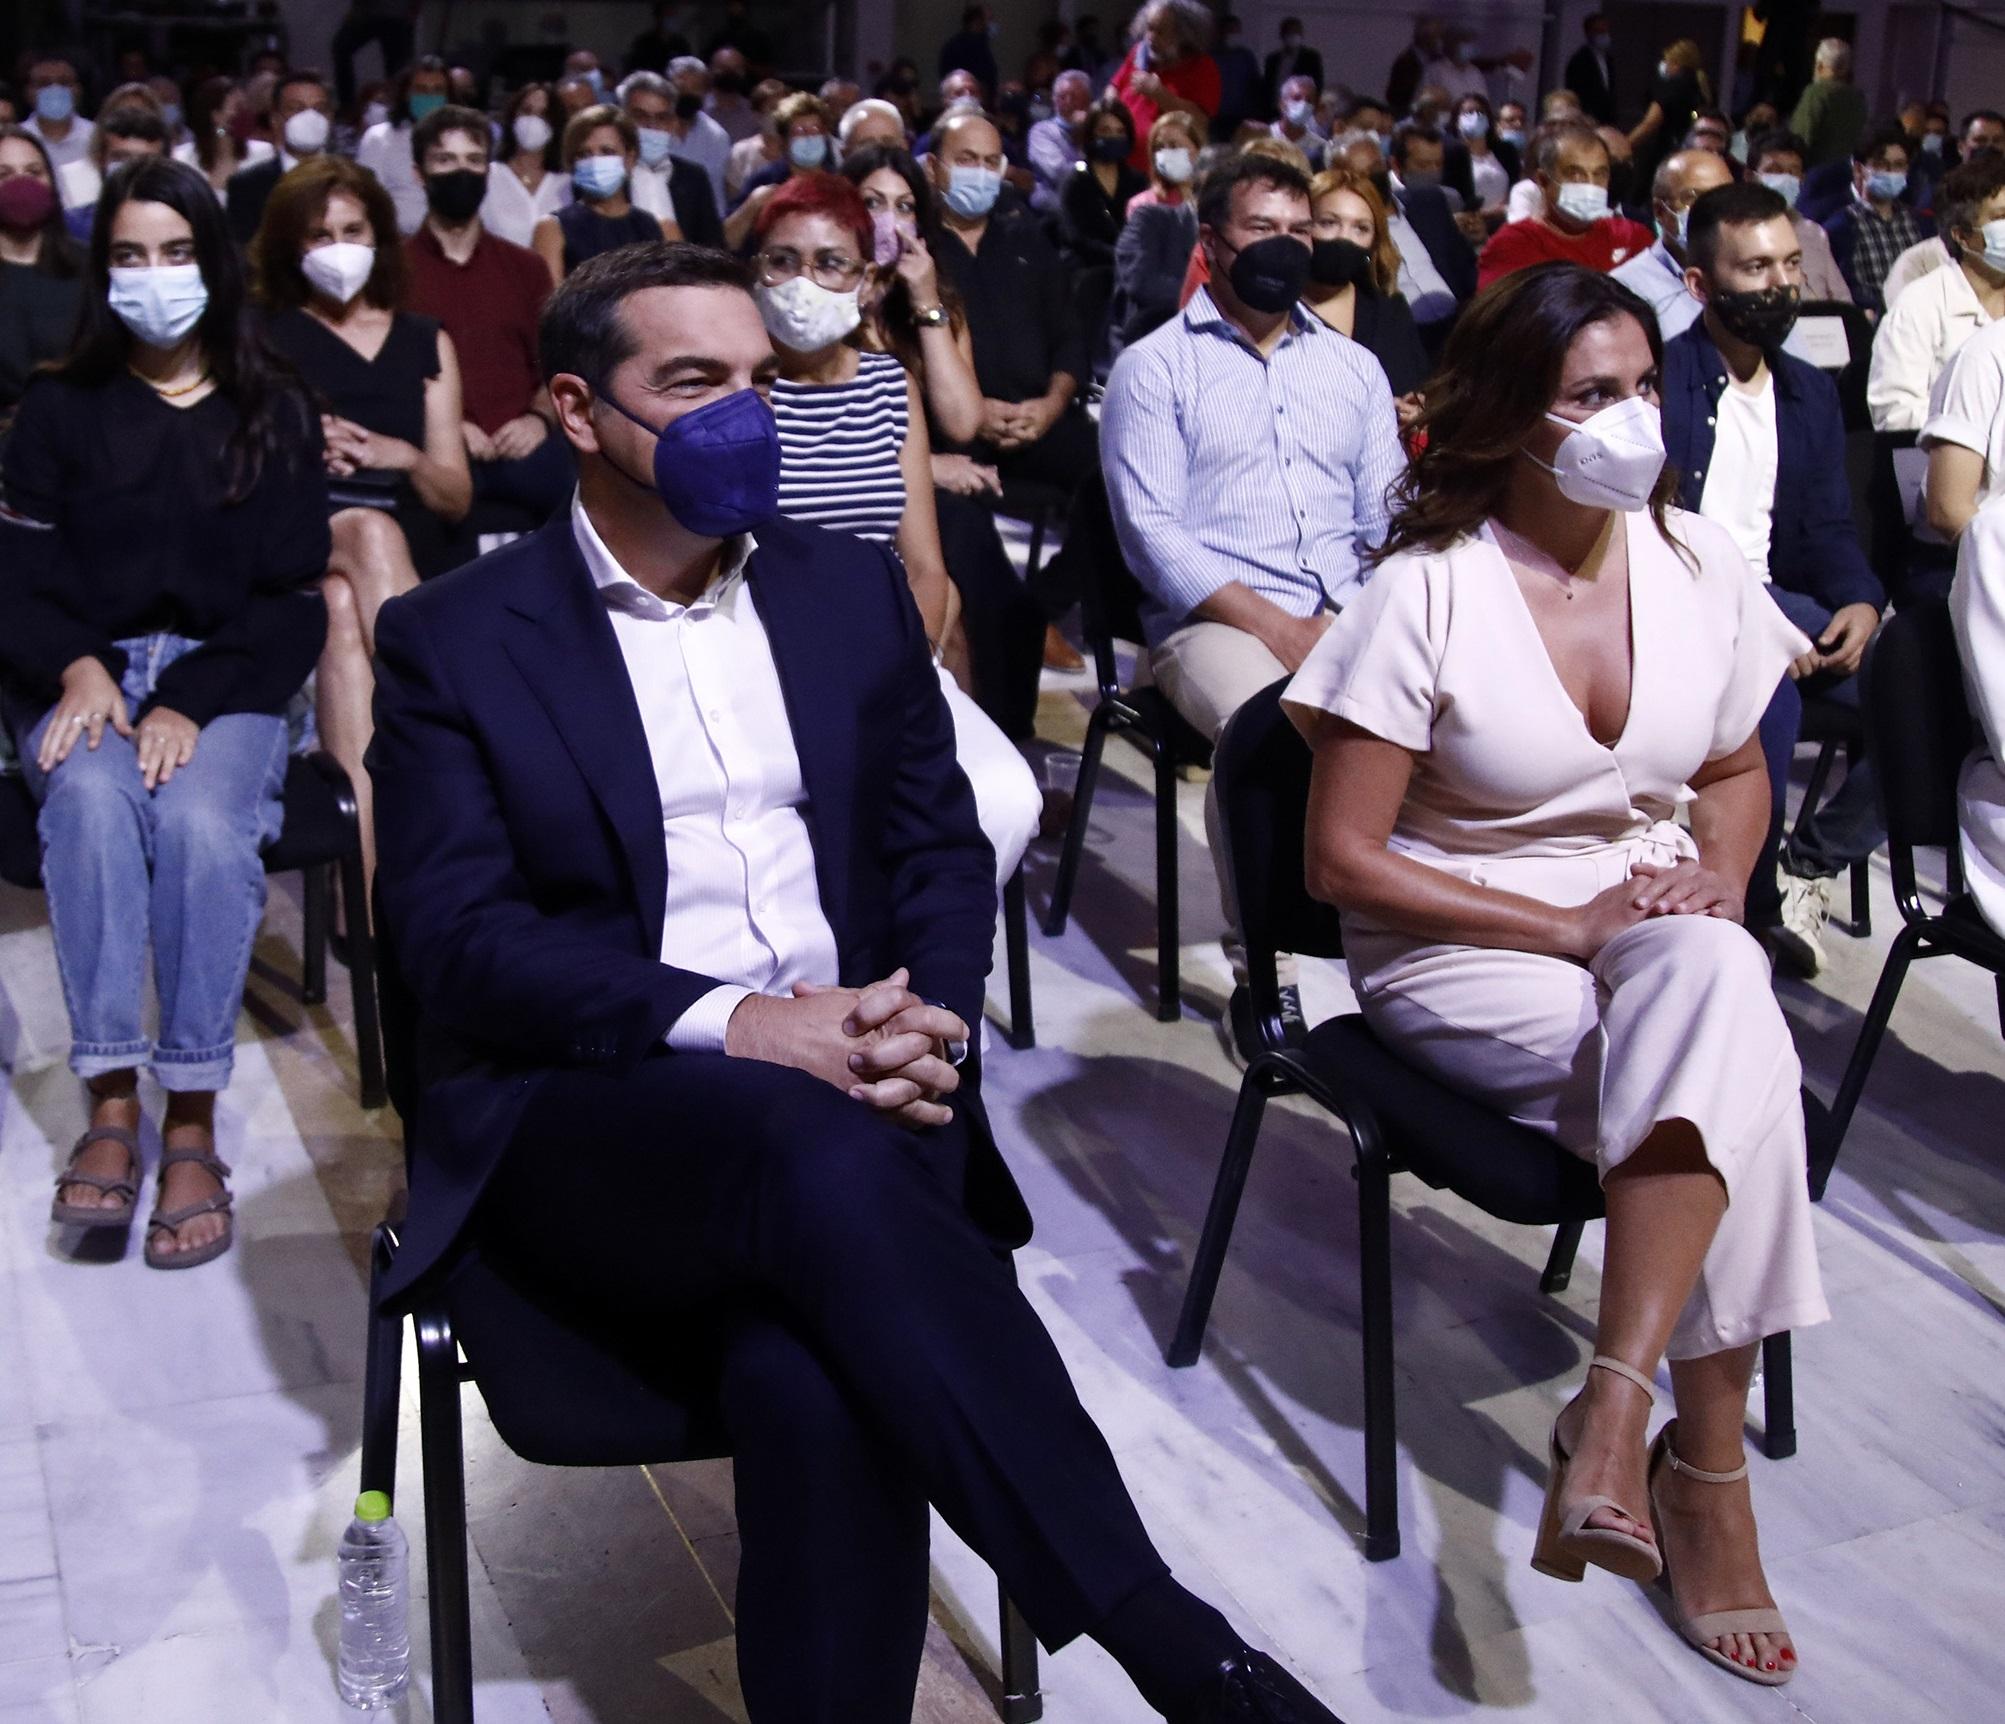 ΔΕΘ 2021: Μπέτυ Μπαζιάνα, Κατερίνα Νοτοπούλου και Θεοδώρα Τζάκρη κέντρισαν τα βλέμματα